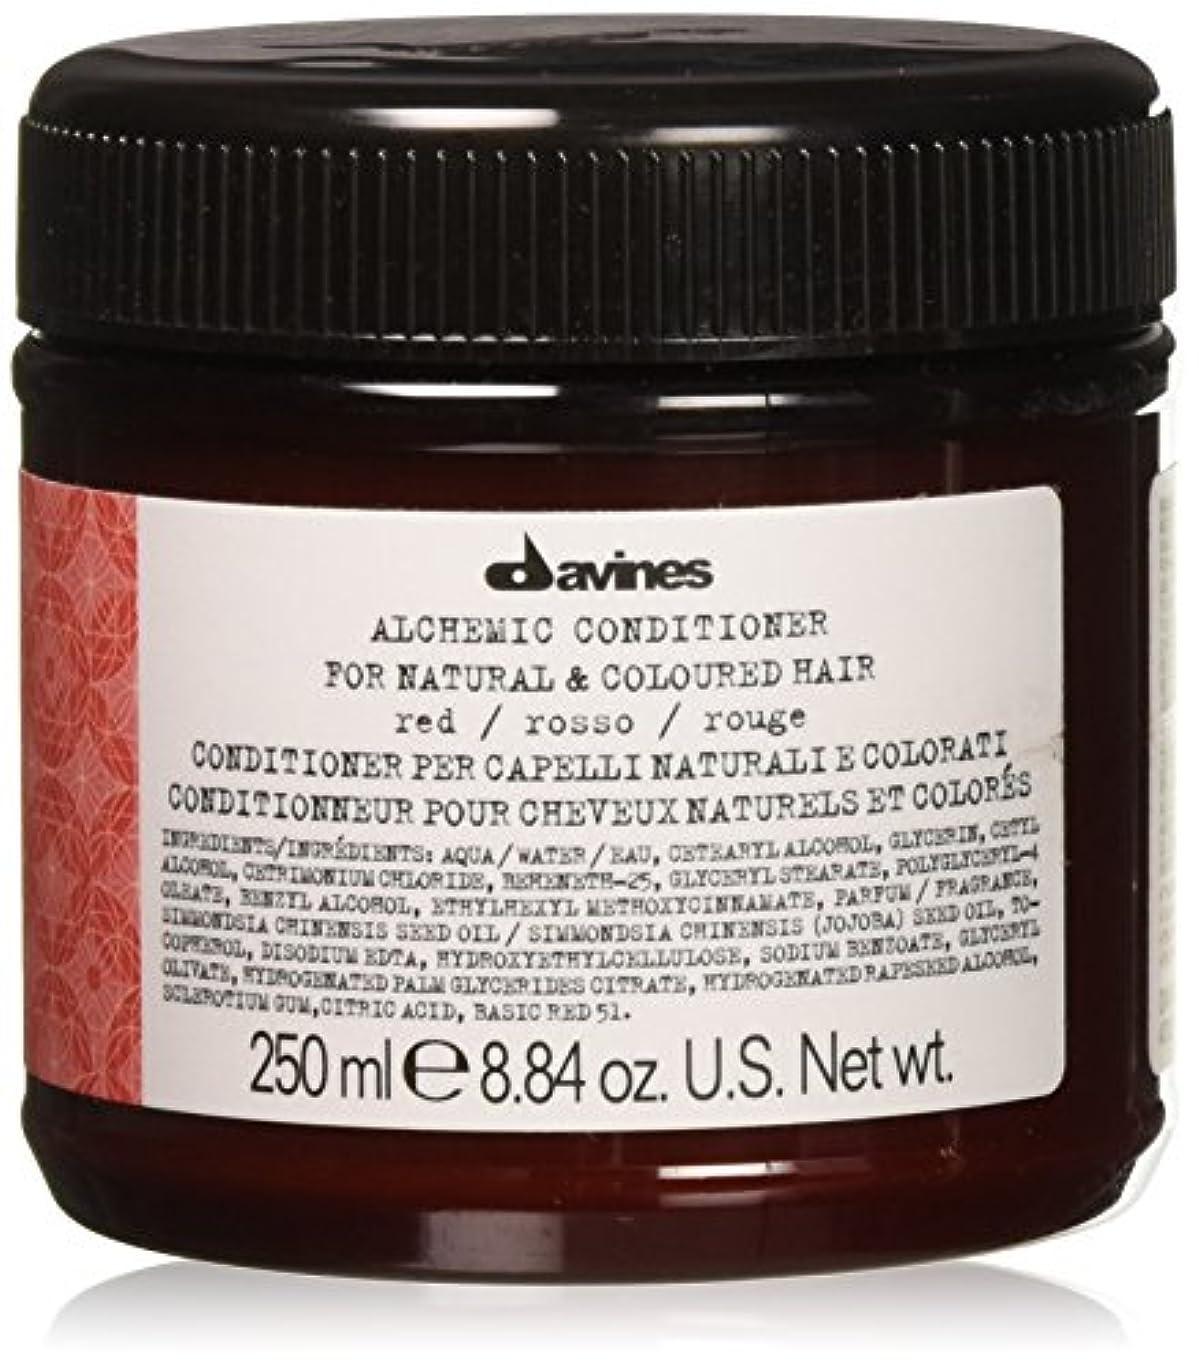 職人ミュート関与するダヴィネス アルケミック コンディショナーレッド (地毛が赤毛の方、赤毛に染めている方用) 250ml/8.45oz並行輸入品